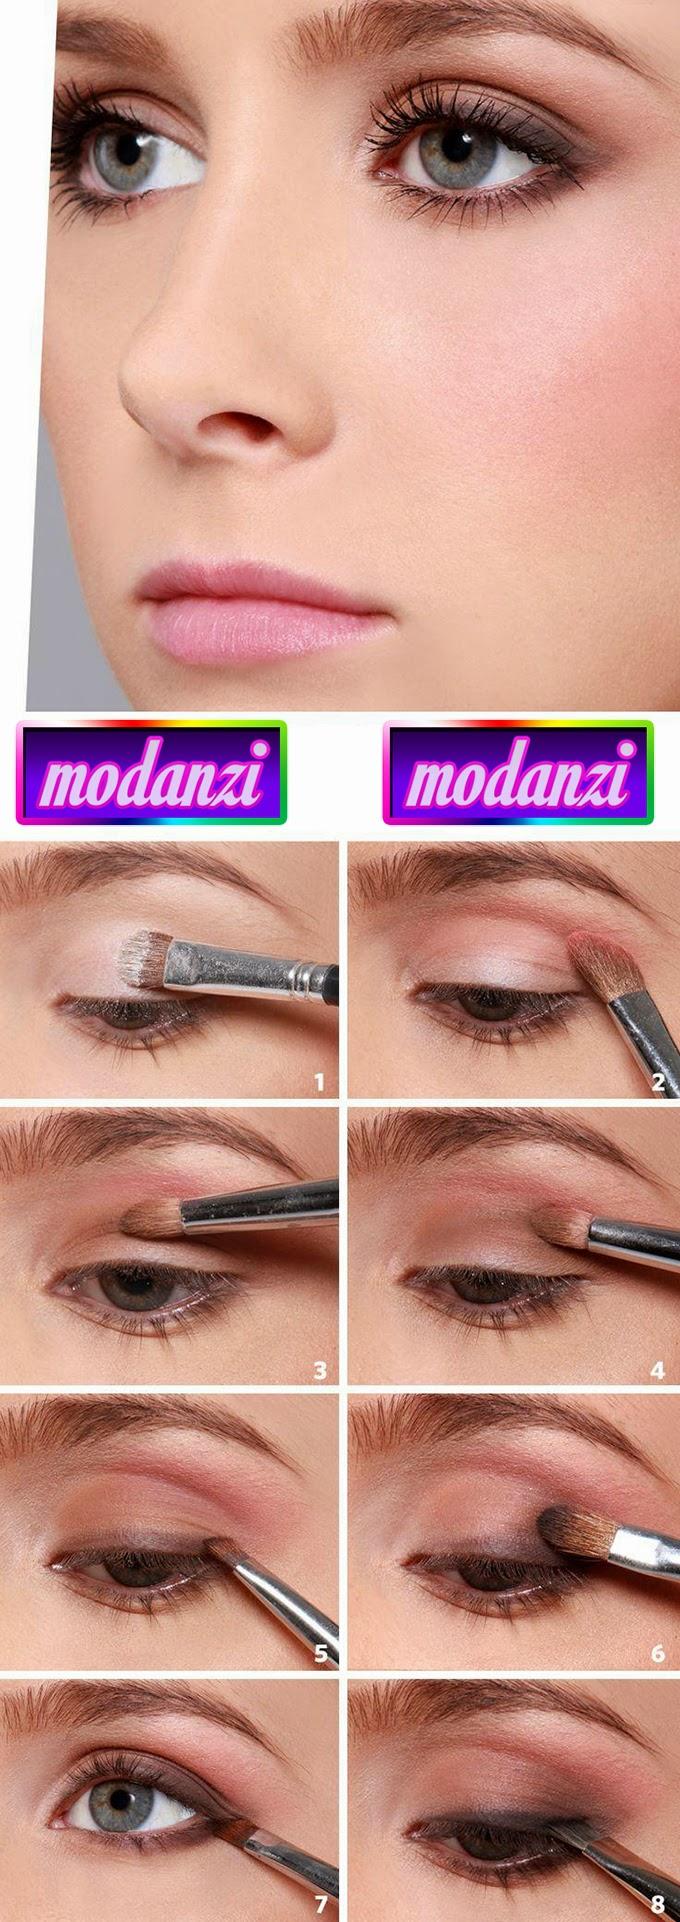 8 Adımda Doğal Göz Makyajı (Resimli Anlatım)